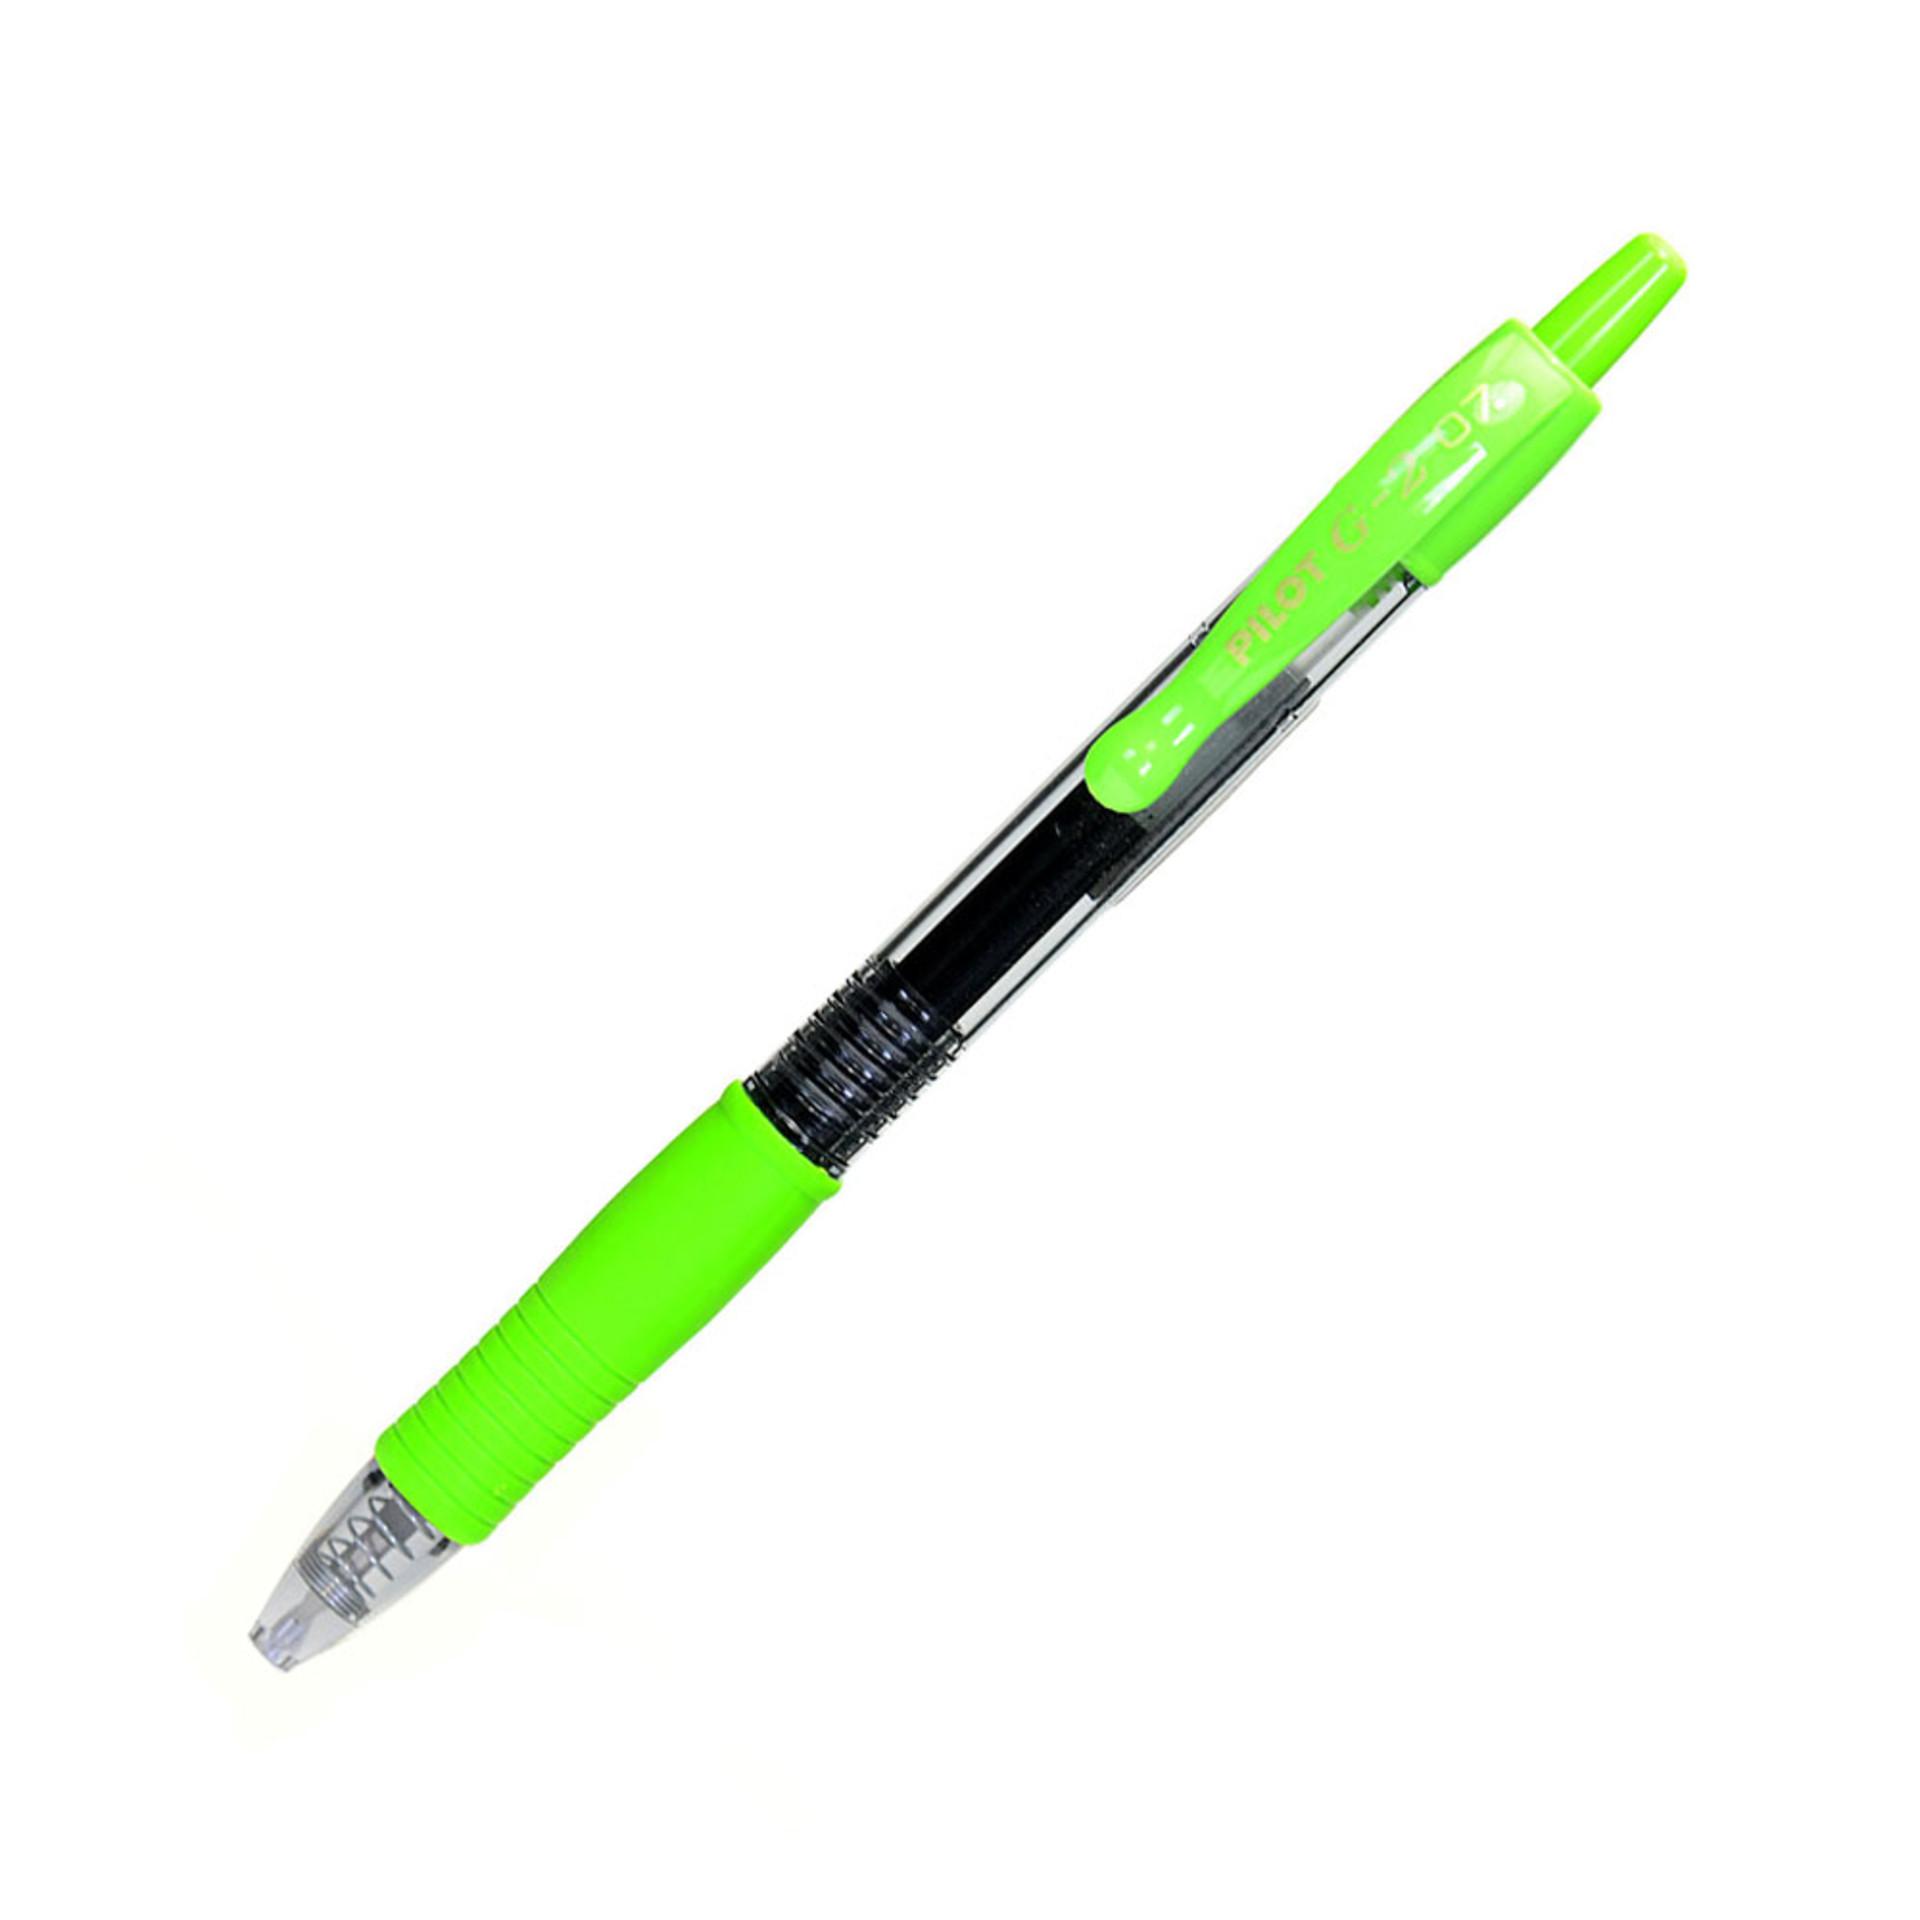 Pilot G2-7 Fine Point .7mm Retractable Gel Pen – Lime